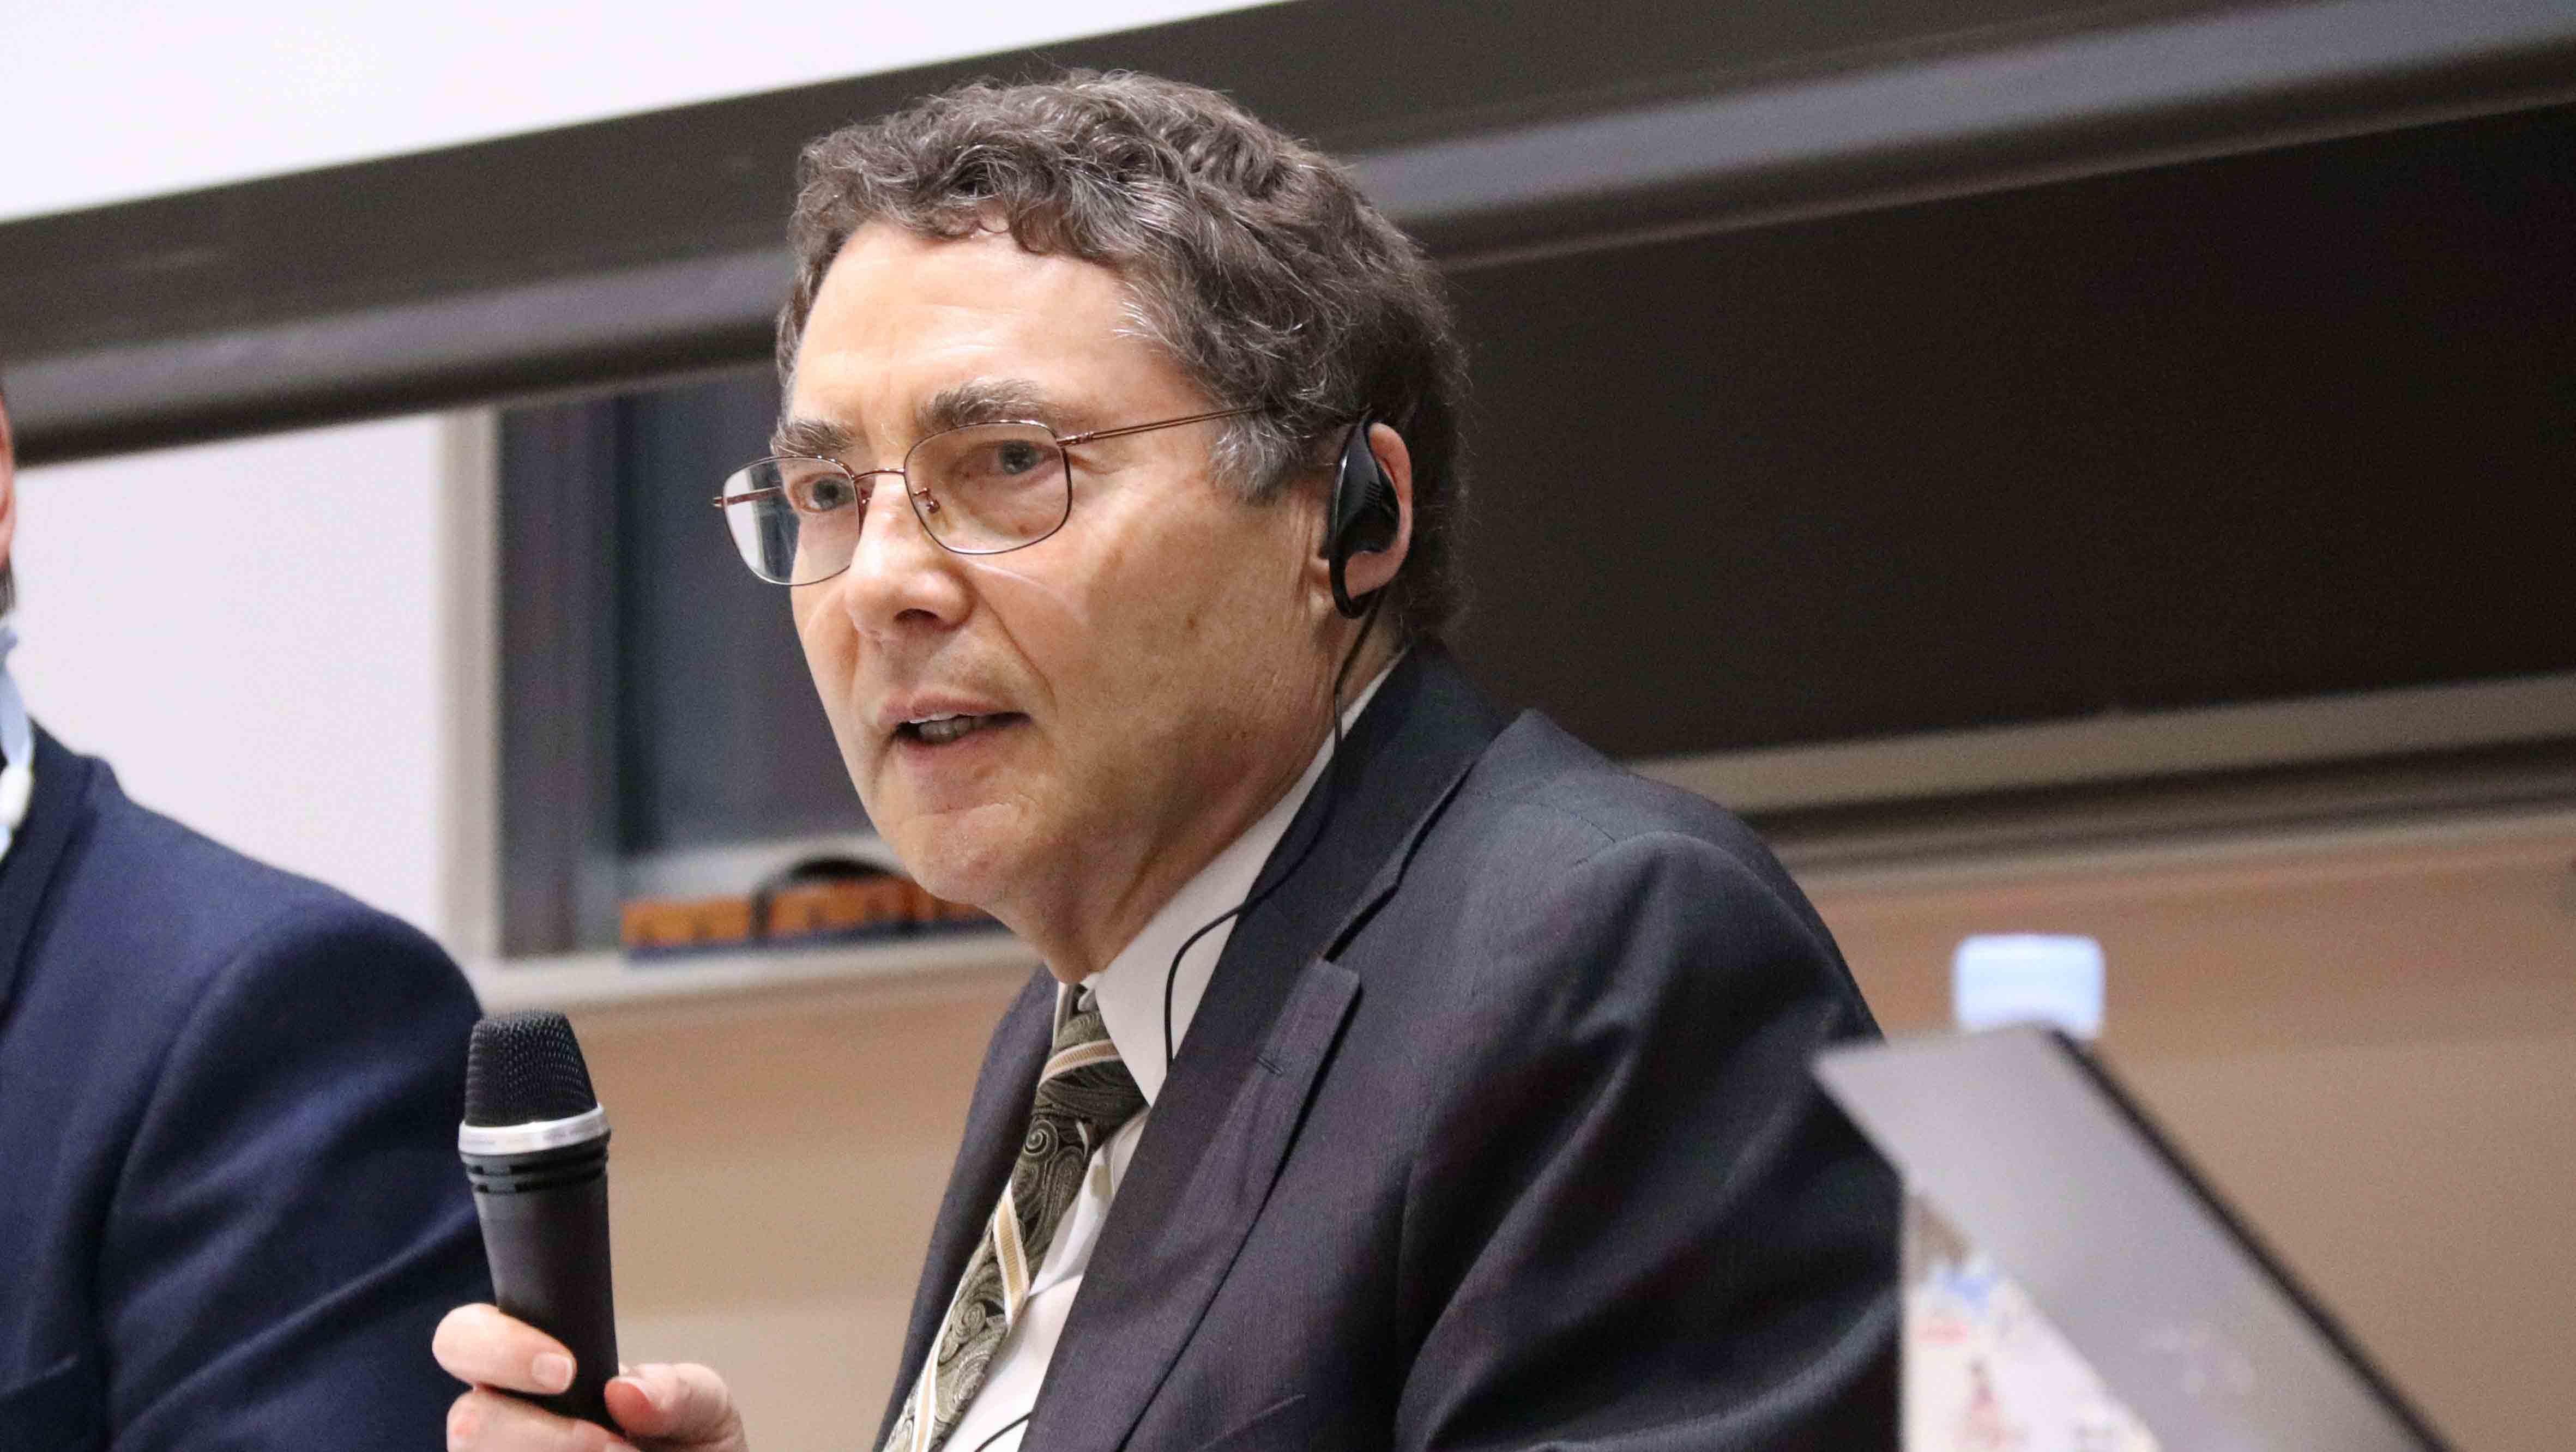 国際シンポジウム「ノーベル賞受賞者が主導した科学・技術教育の科学的変革ーカール・ワイマン博士とインペリアル・カレッジ・ロンドンの取組ー」